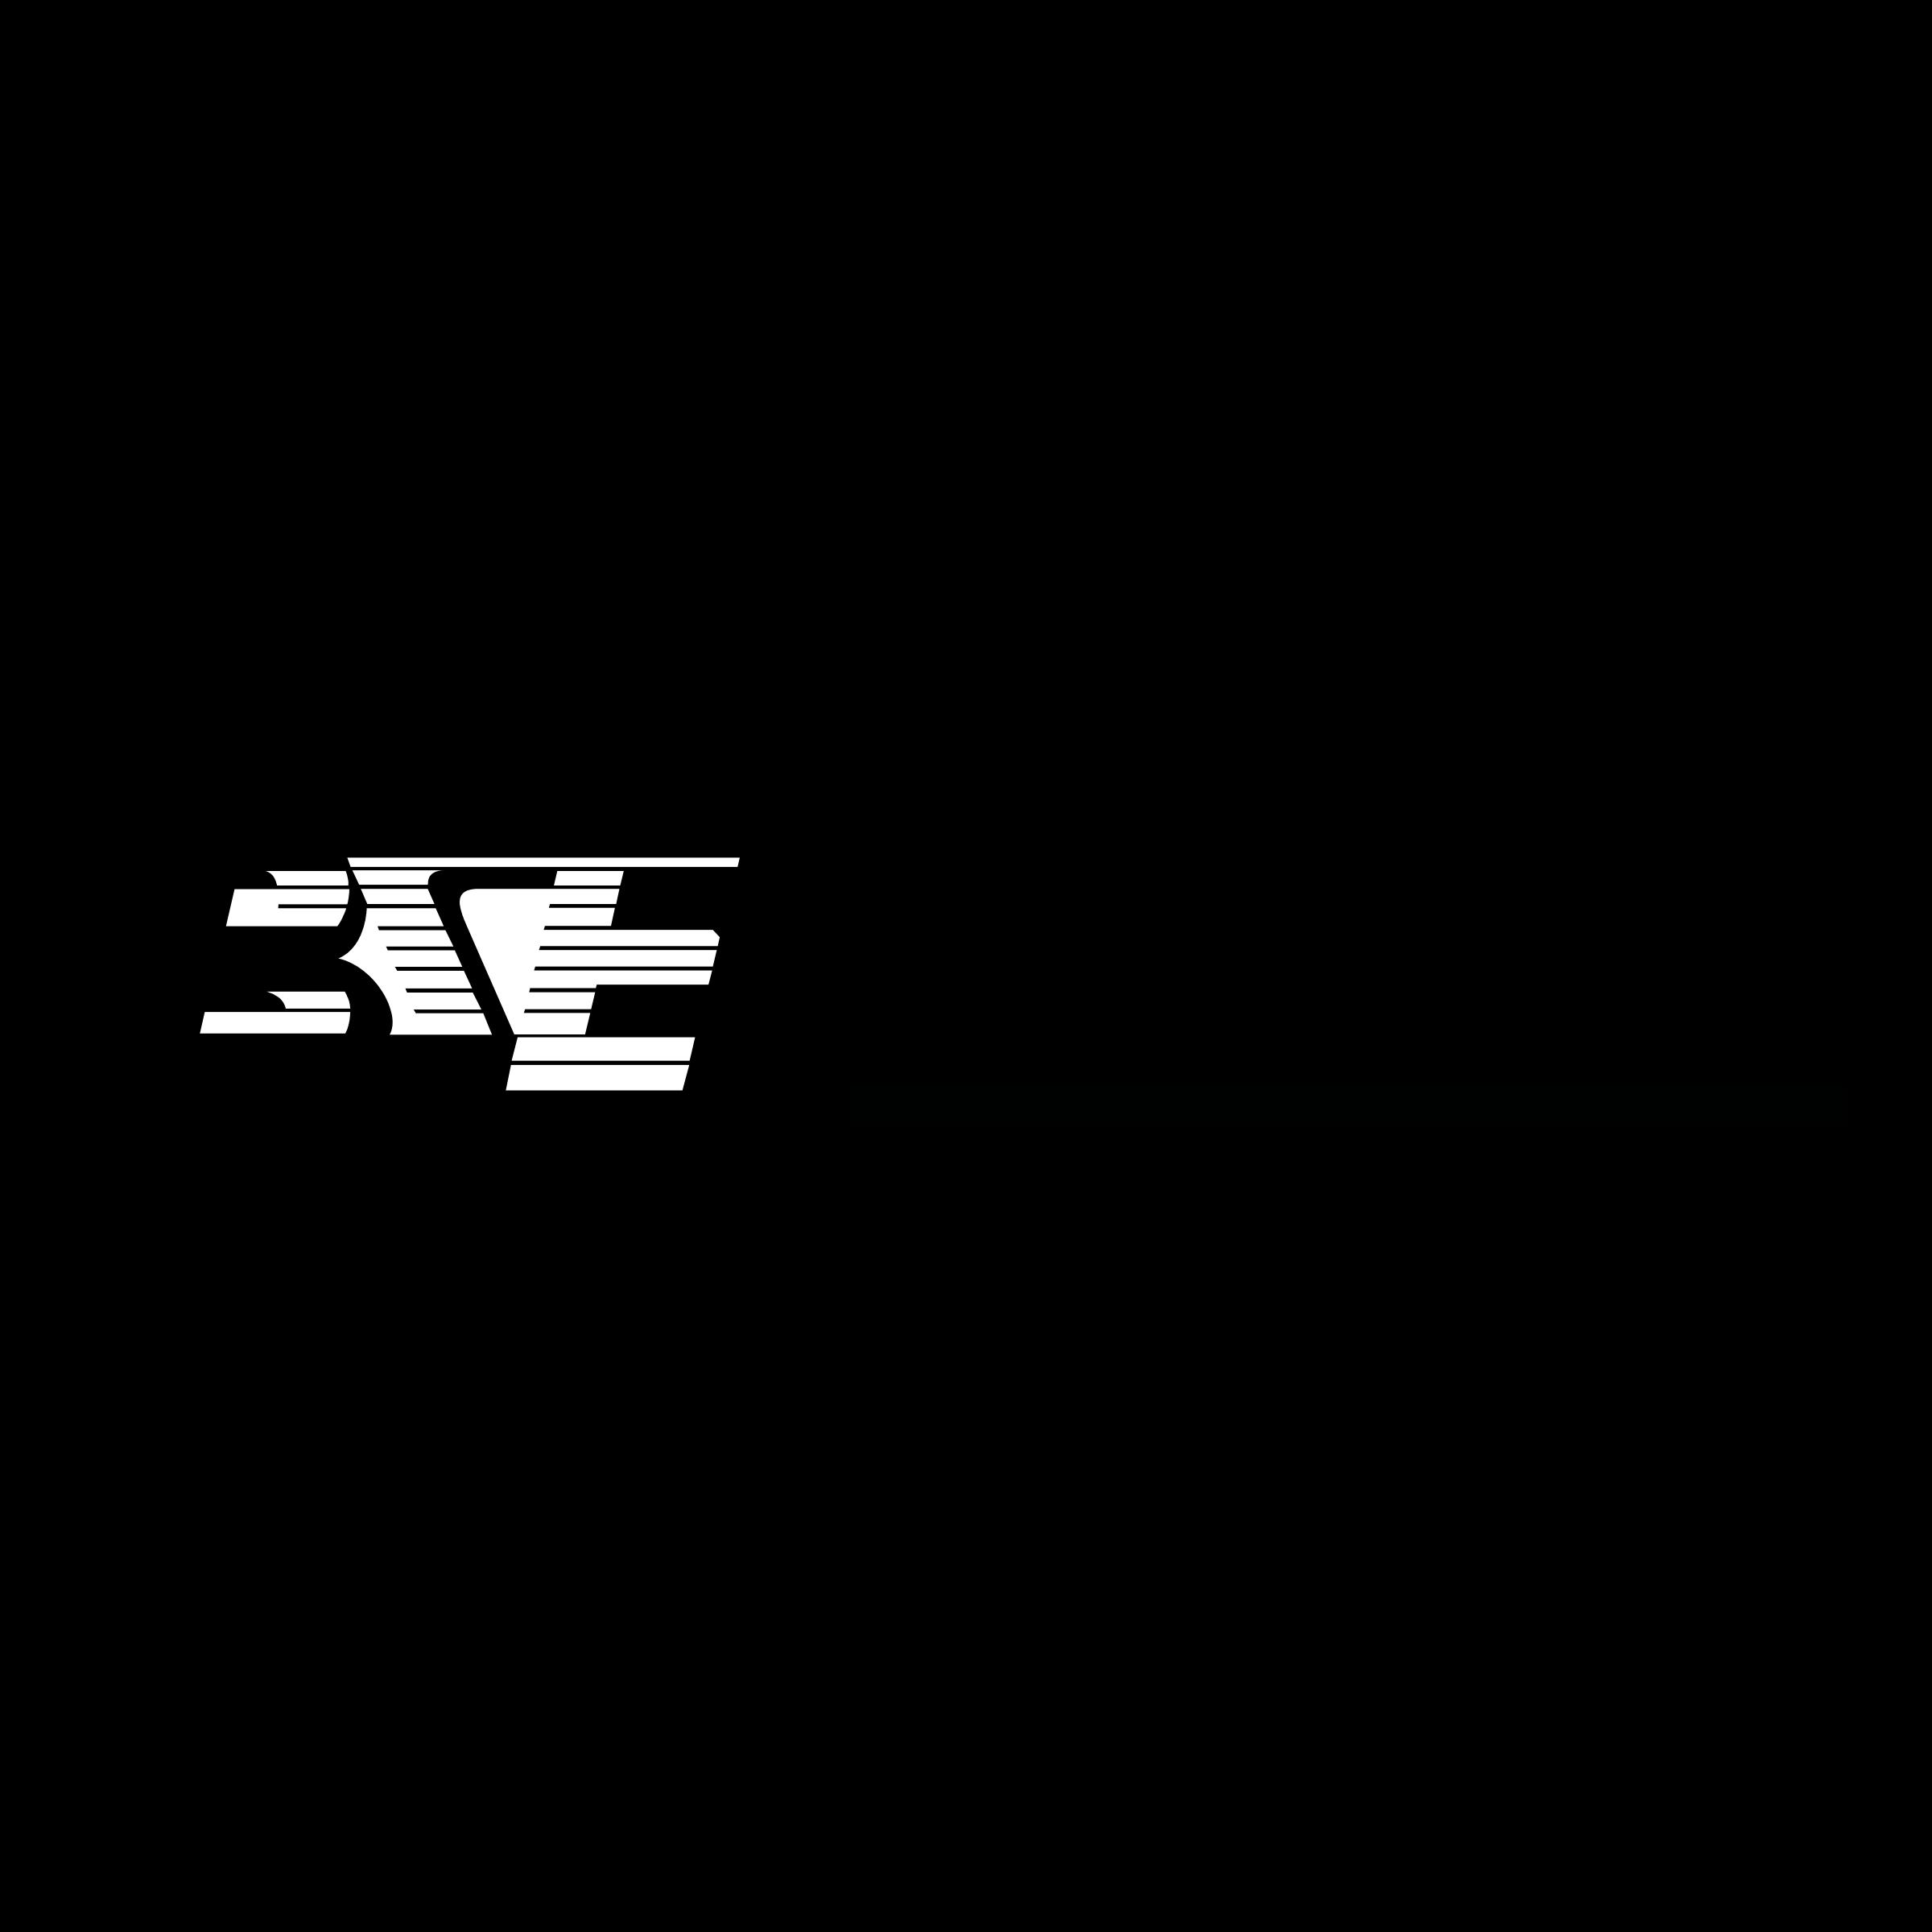 BSE Yamaha Logo PNG Transparent